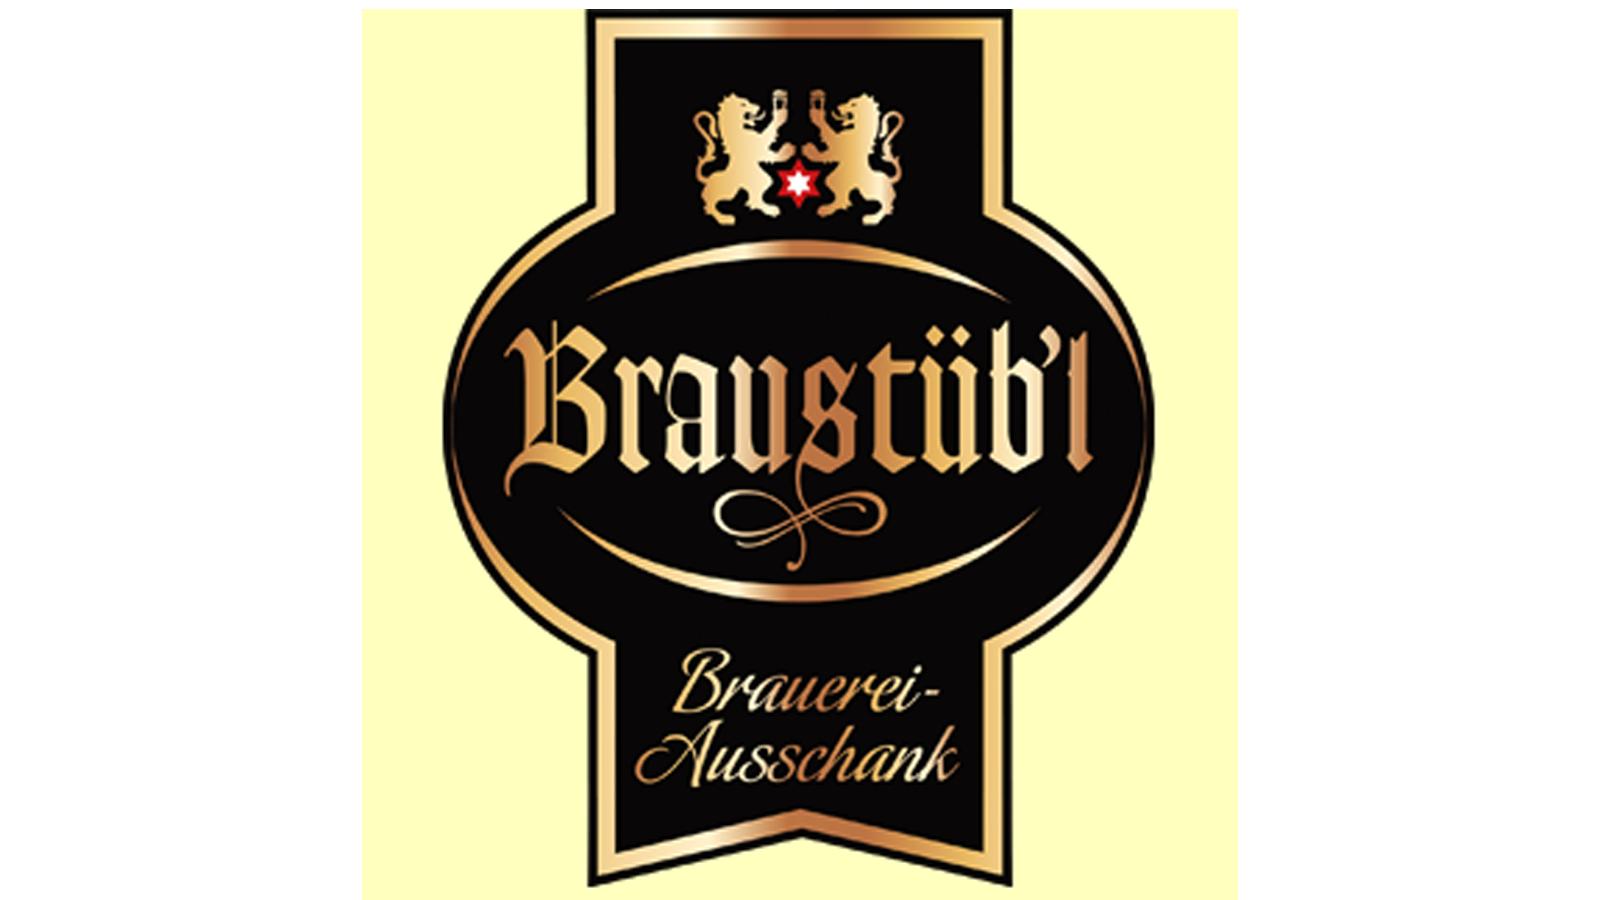 https://www.darmstadt-diamonds.de/wp-content/uploads/2018/09/Braustübl.png